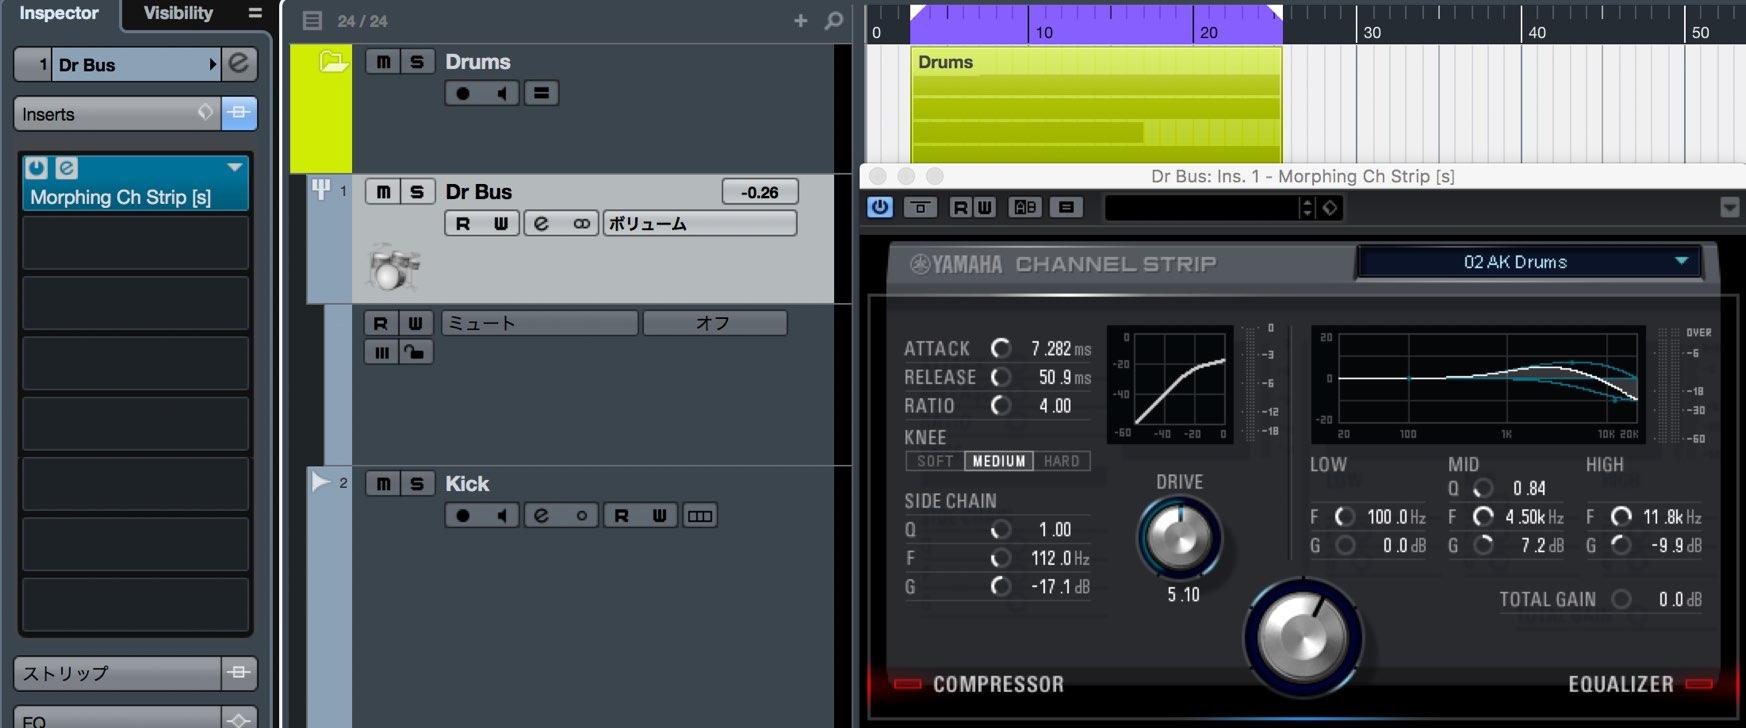 Basic FX Suite